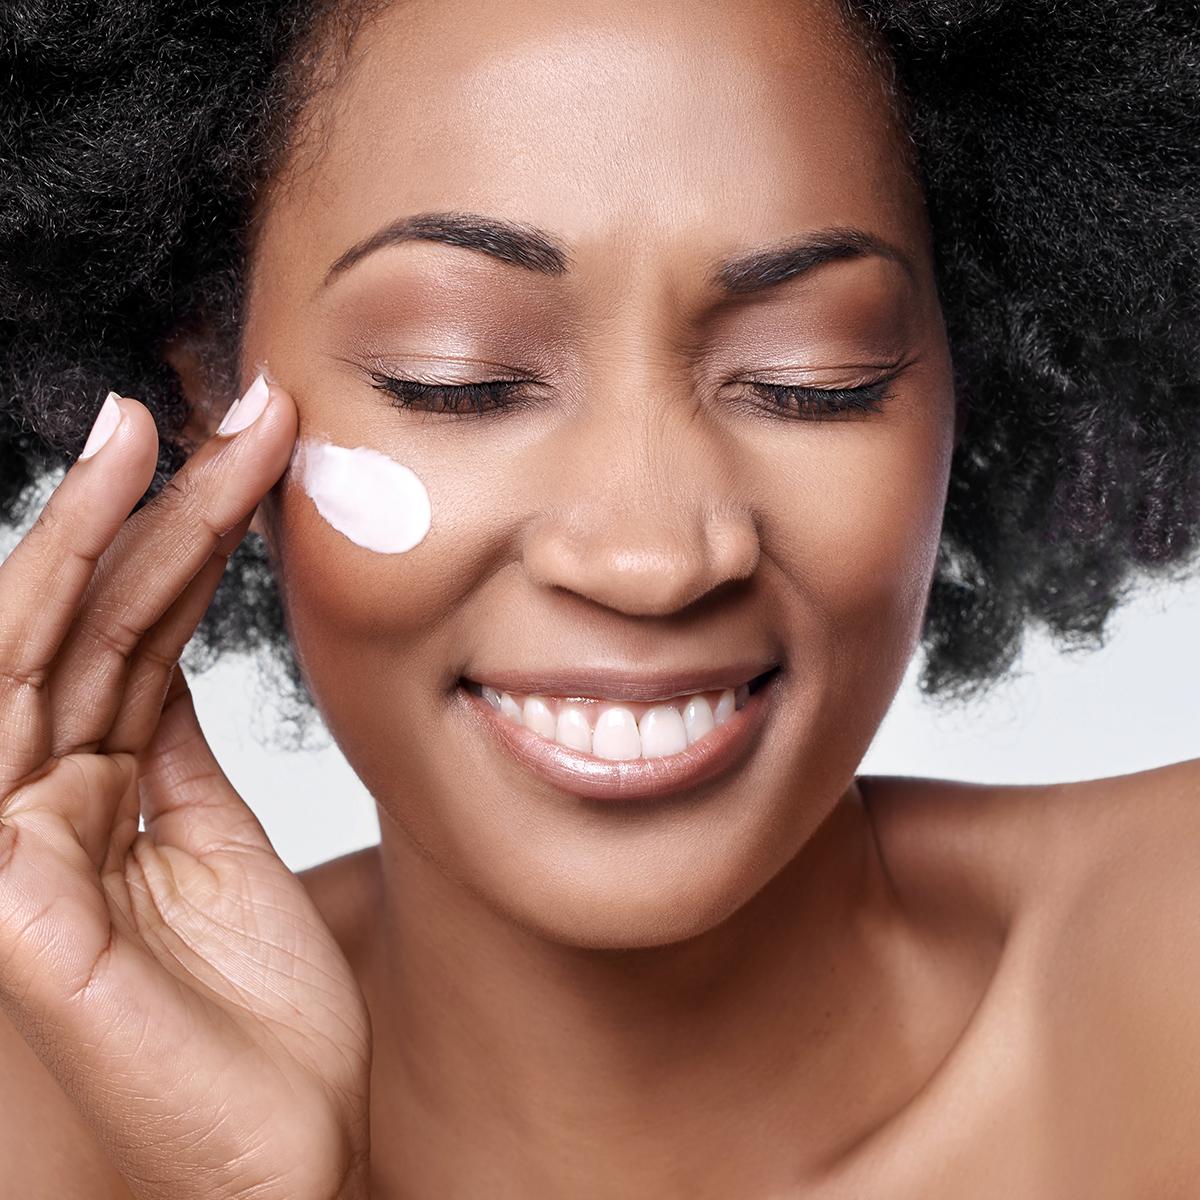 huidverzorging onzuiverheden